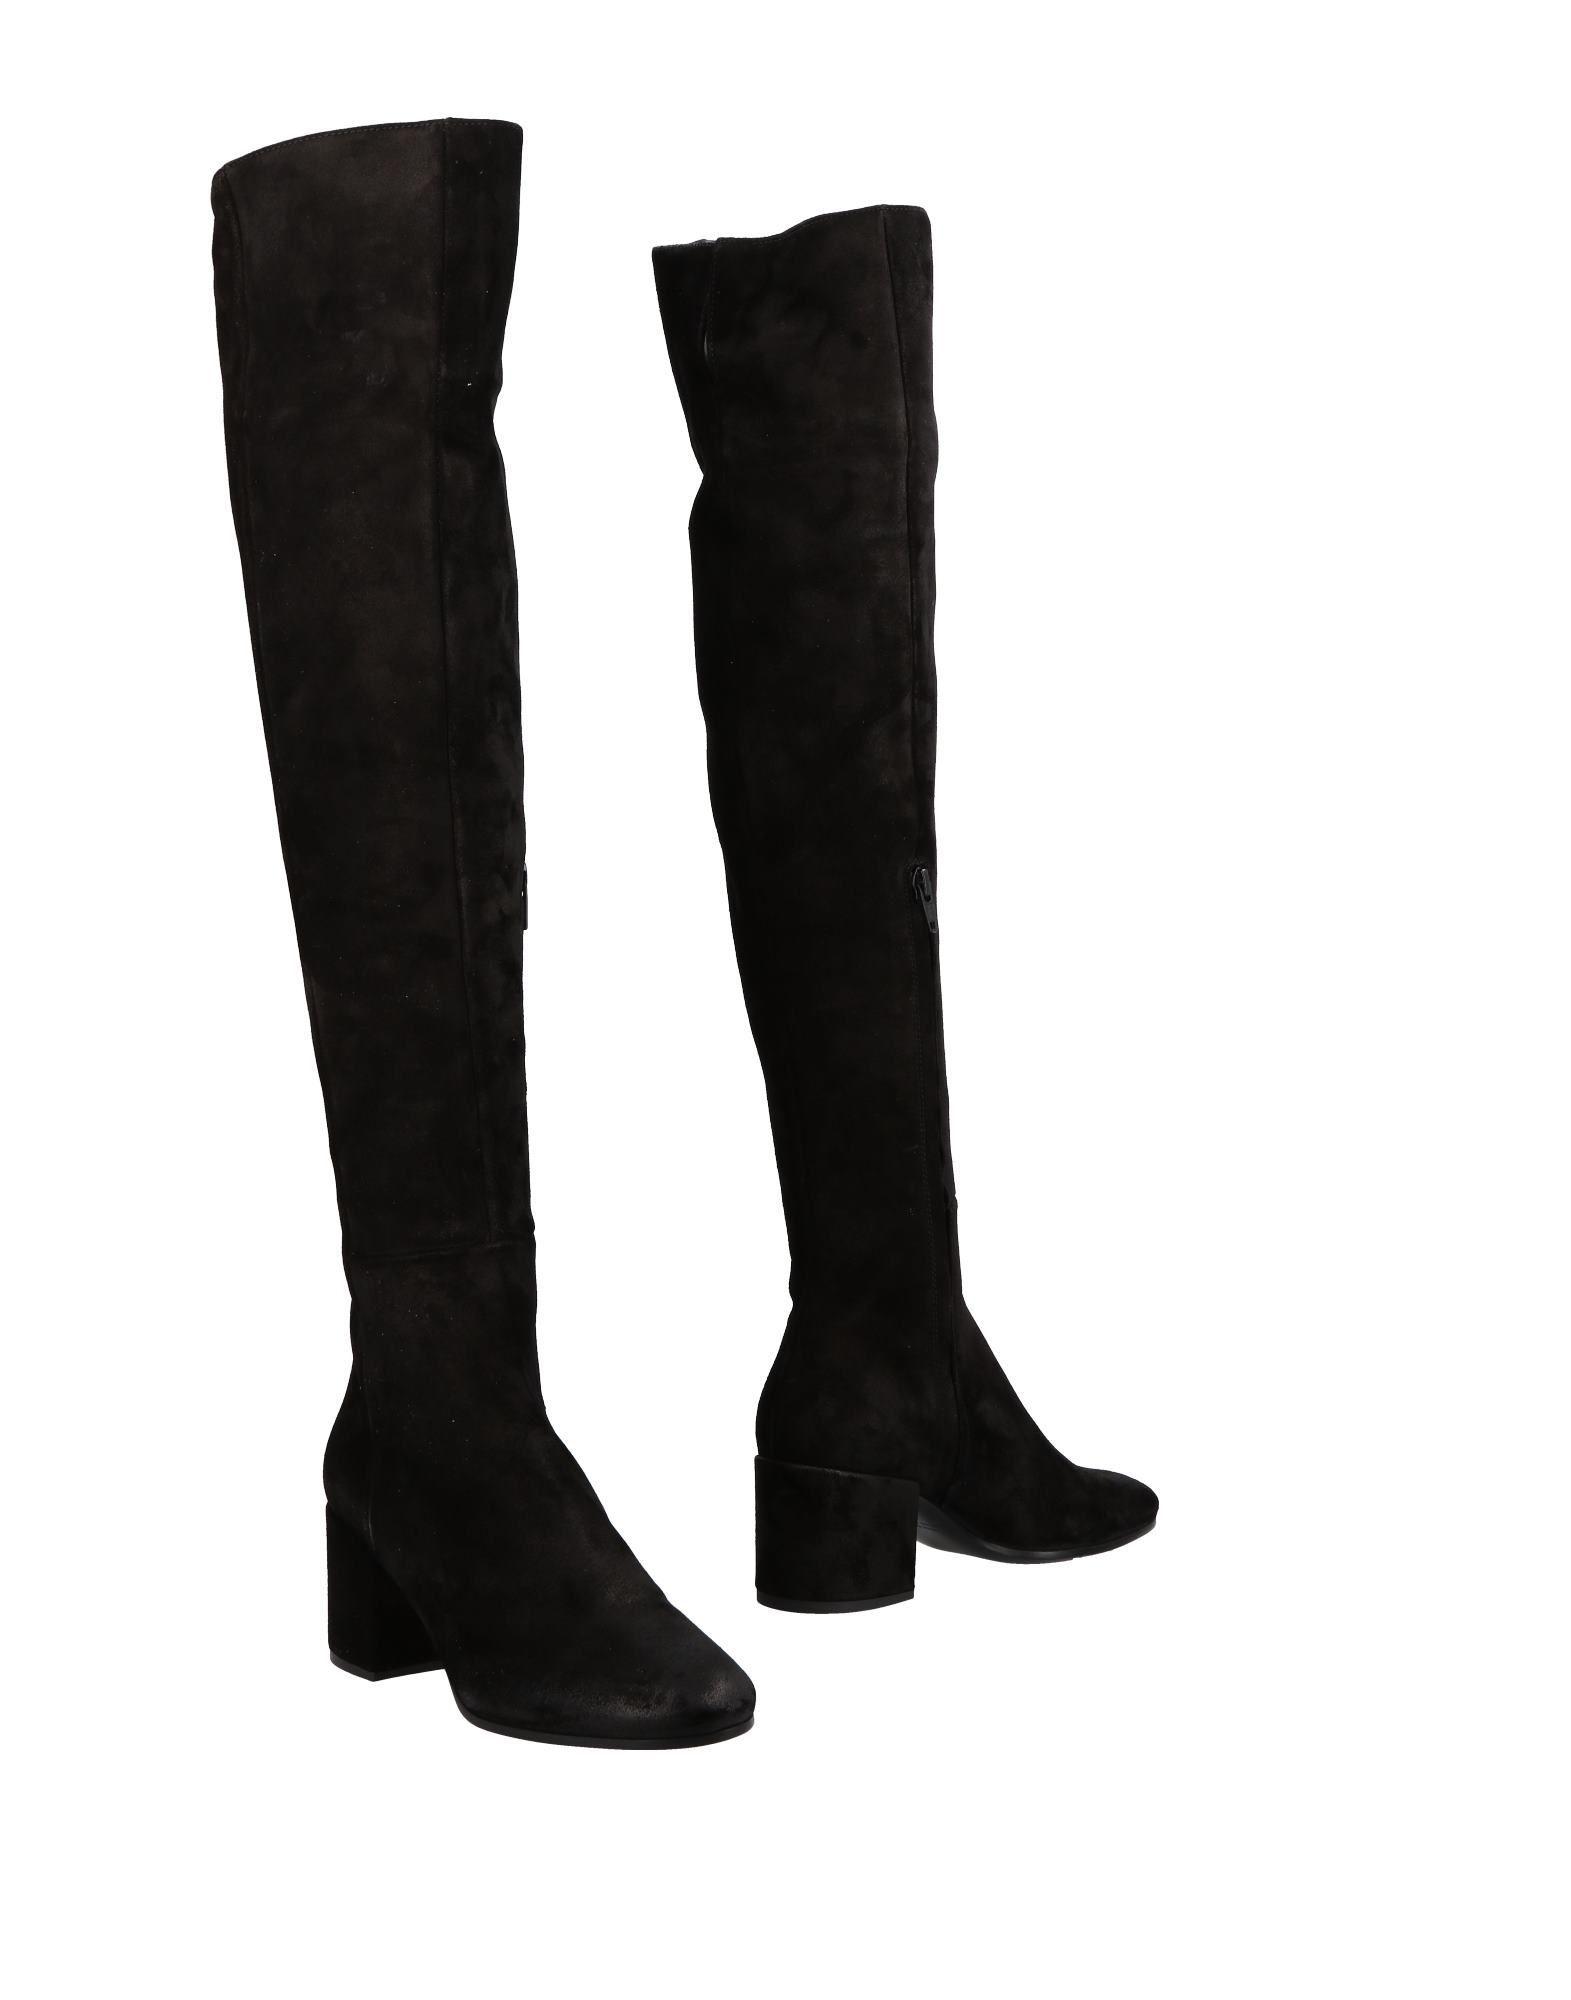 Footwear Strategia Black Women's Leather